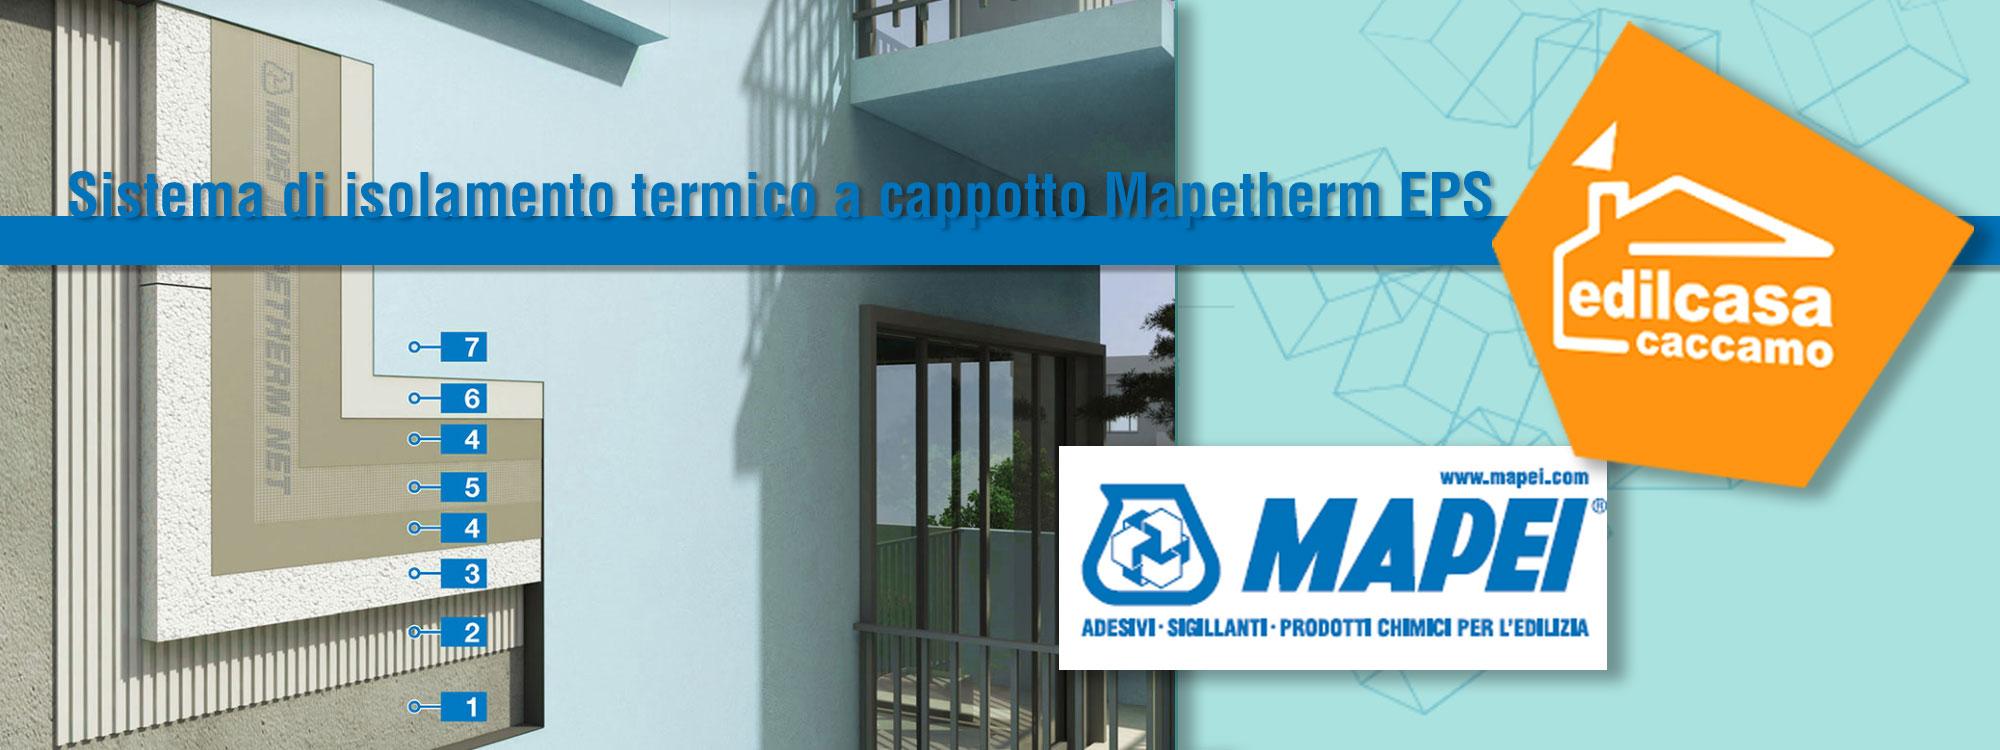 Sistema di isolamento termico a cappotto mapei mapetherm eps arredo bagno materiali edili - Malta a novembre bagno ...